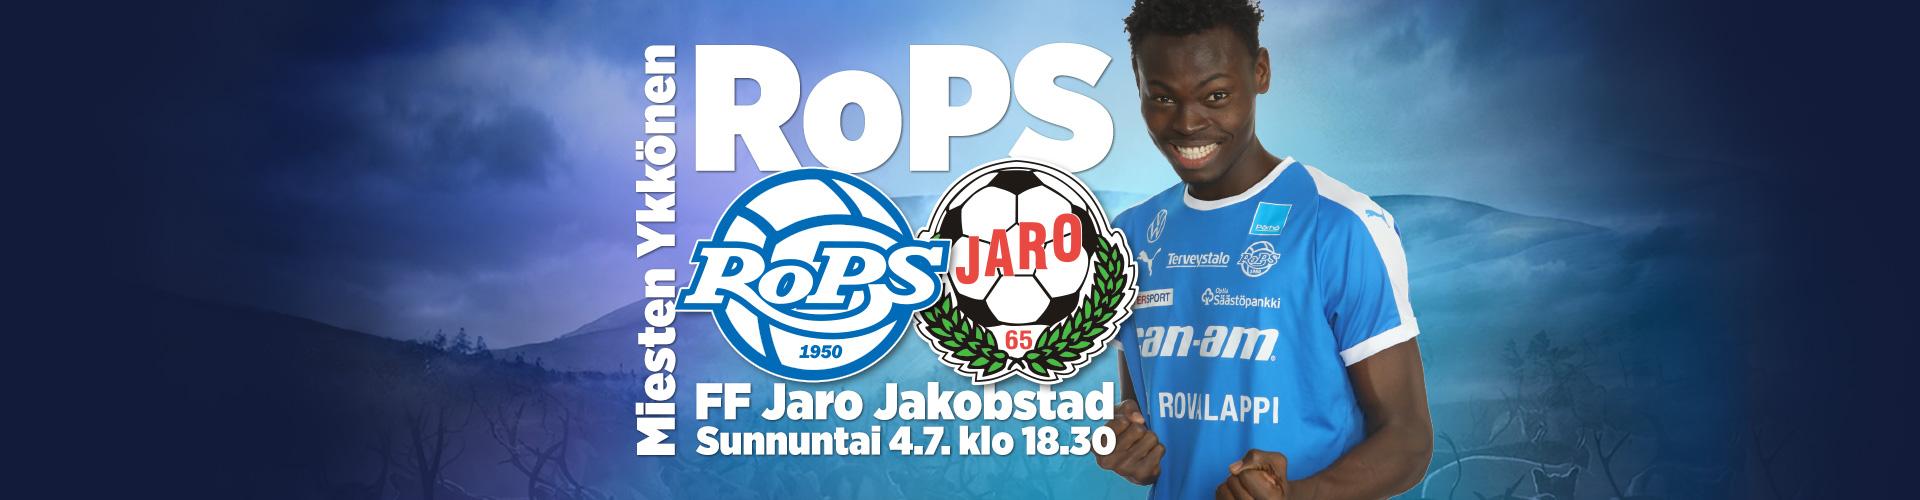 RoPS-FF-Jaro